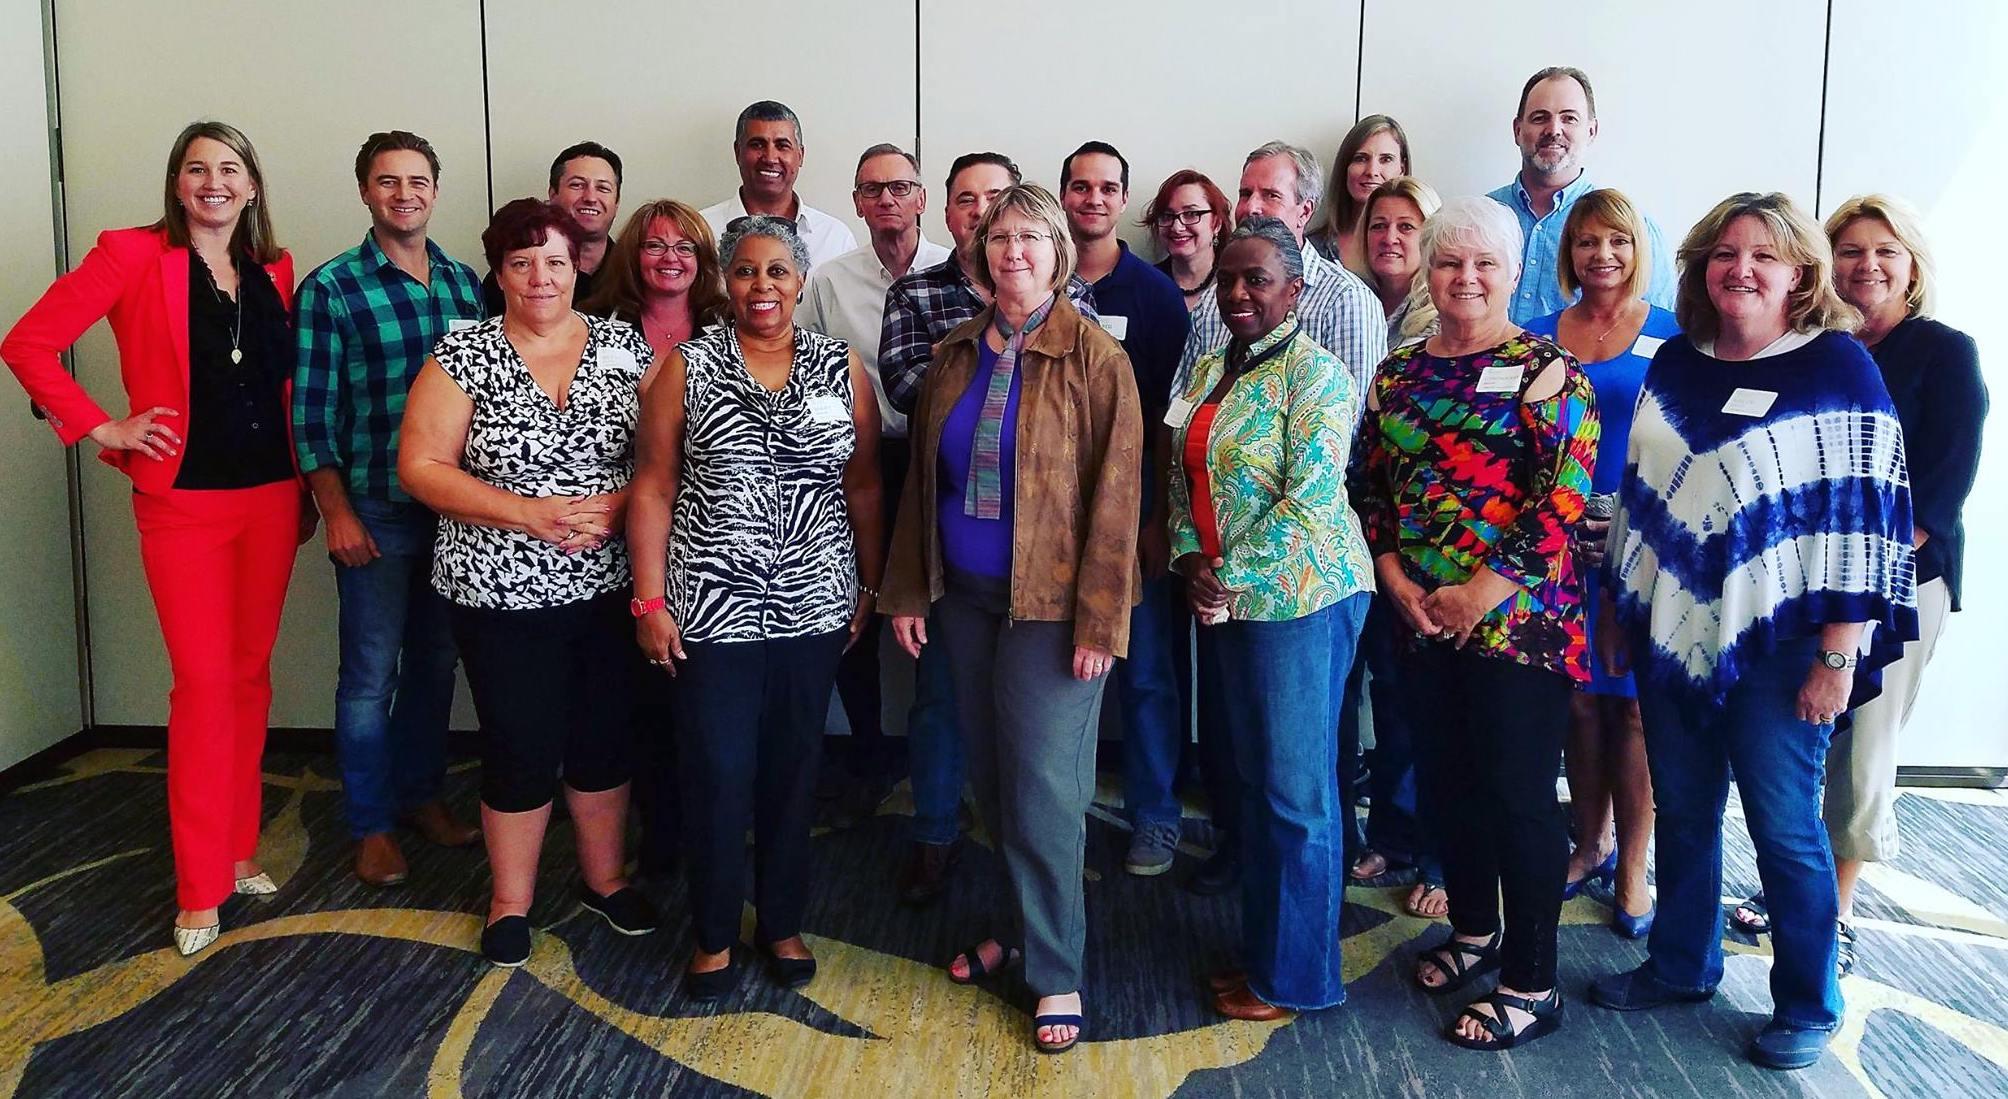 Managing Brokers Arizona, Melisa Camp